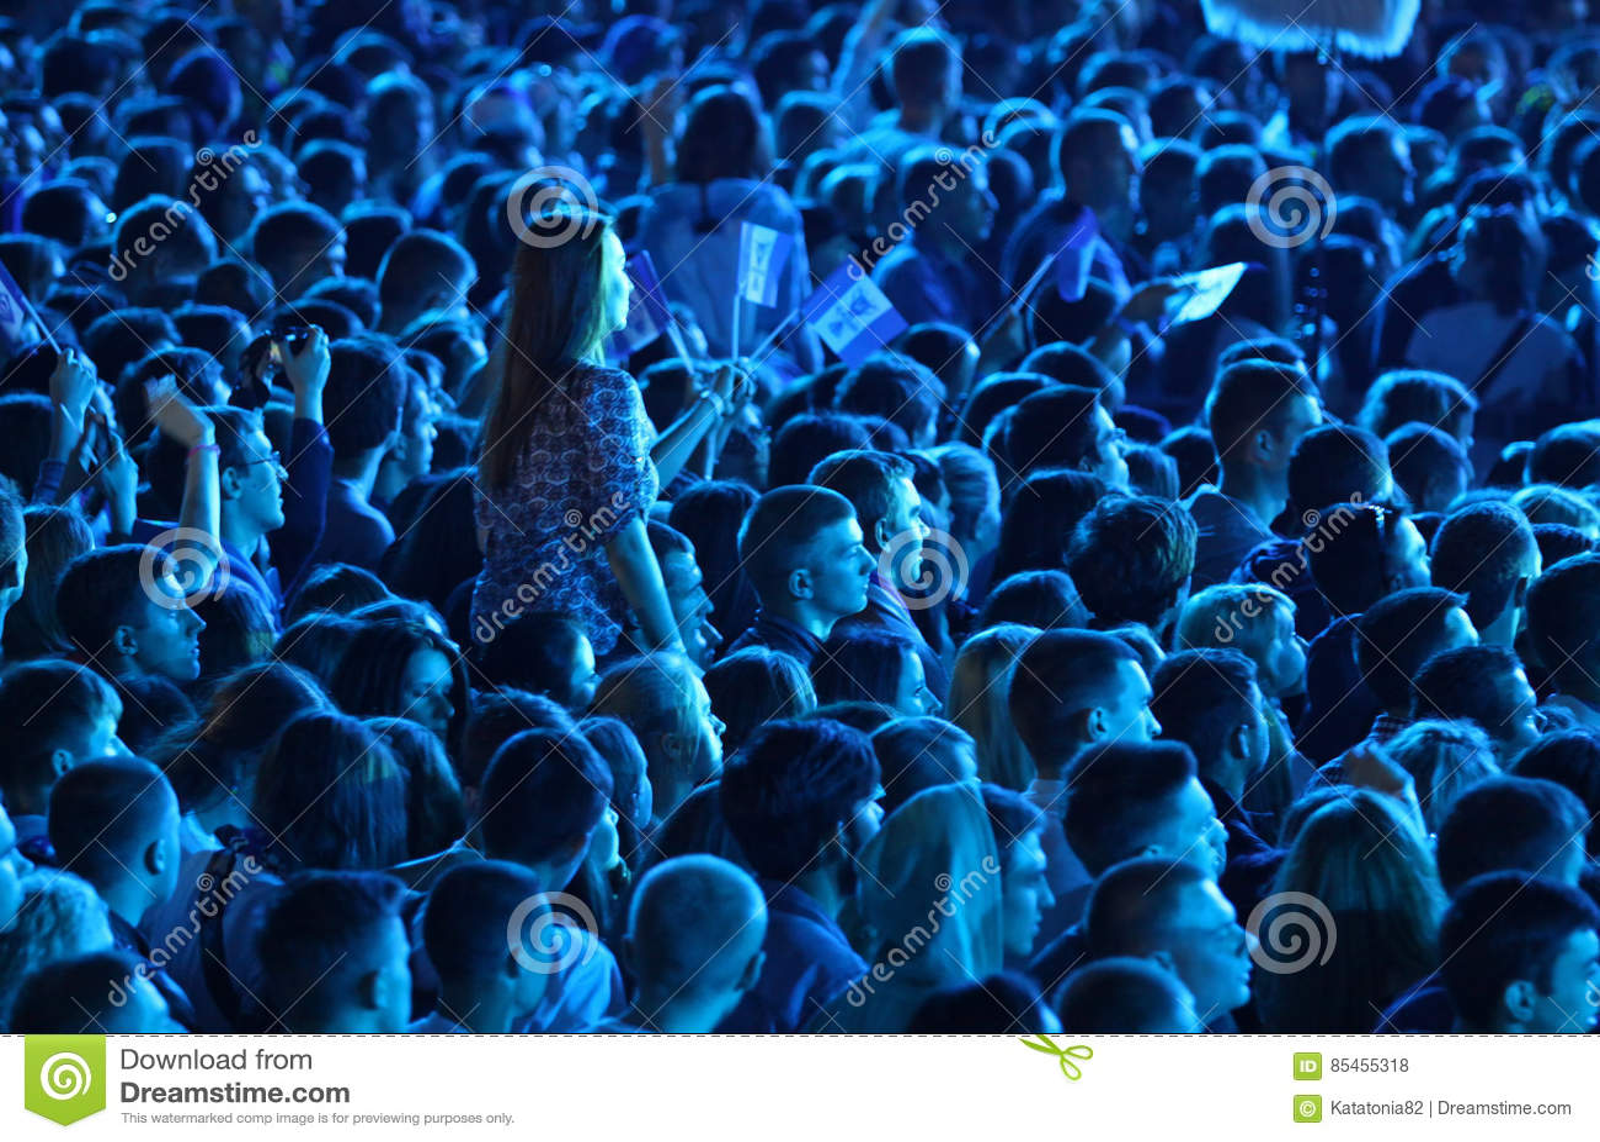 Люди наслаждаются концертом рока на стадионе